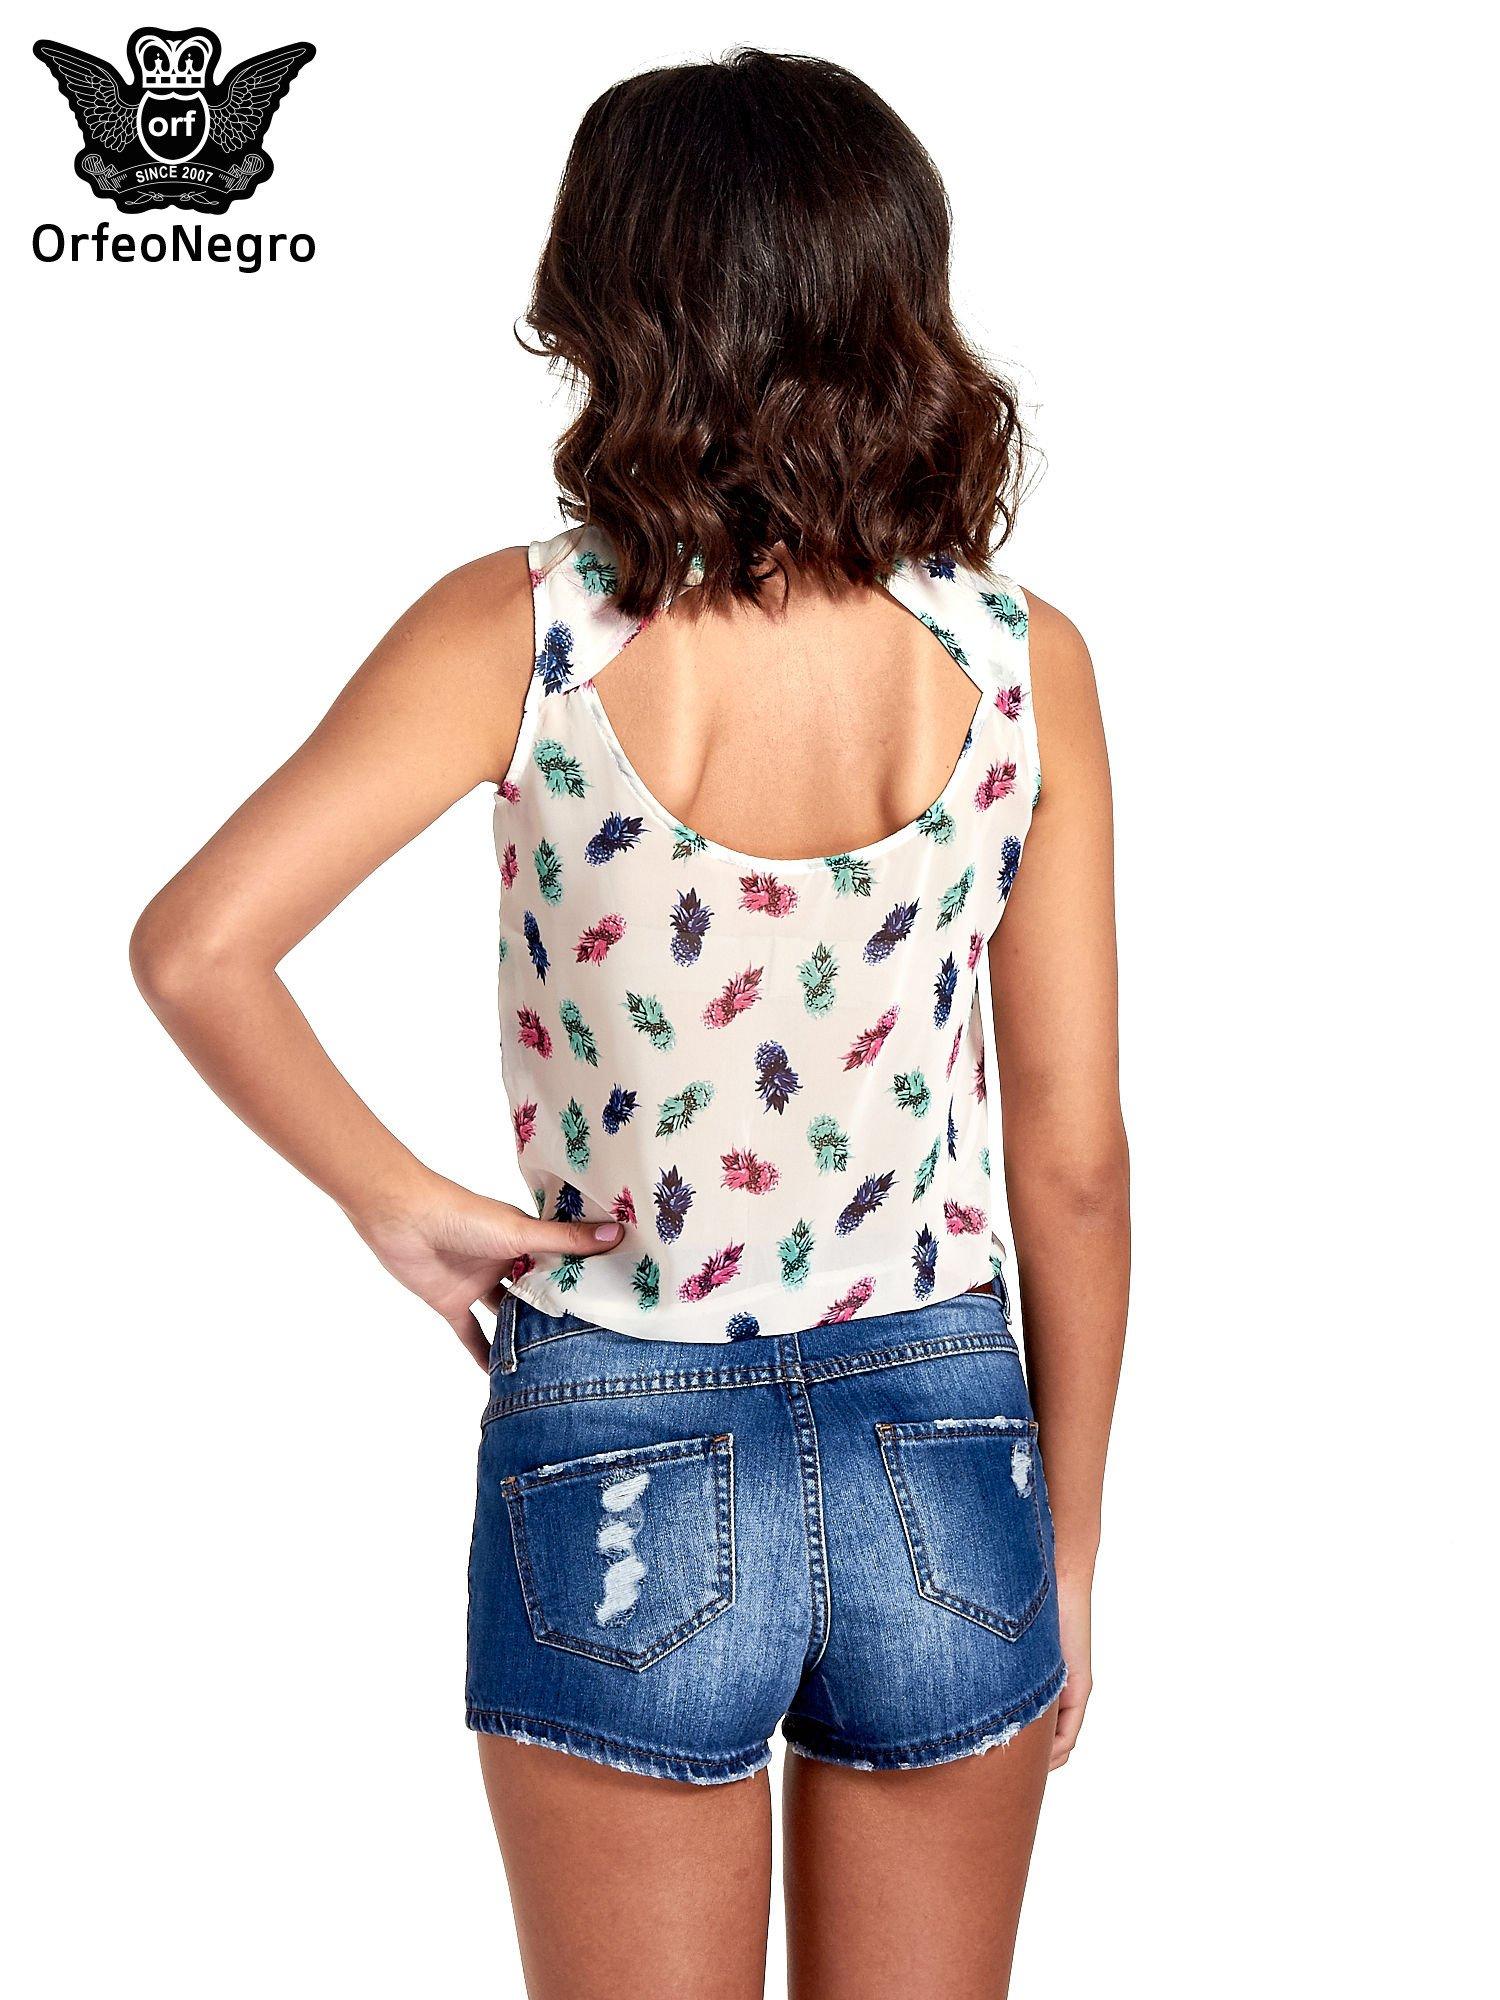 Ecru koszula z wiązaniem w ananasy                                  zdj.                                  2